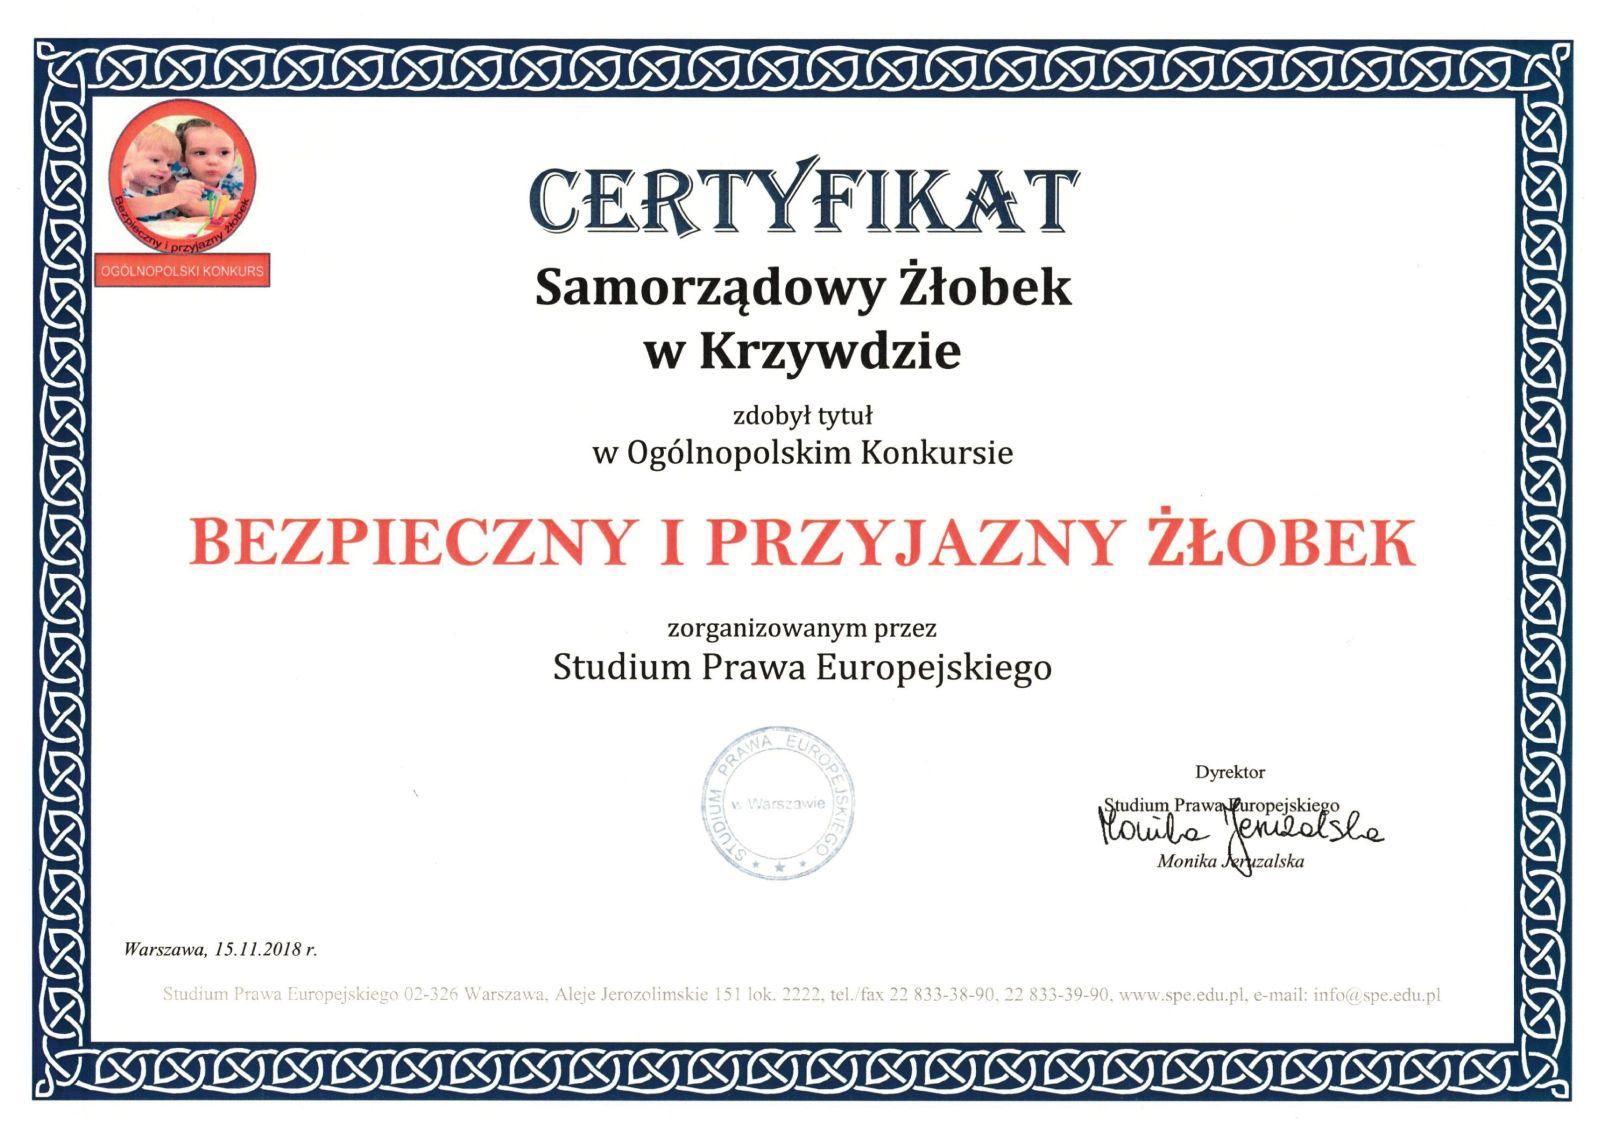 Certyfikat Bezpiecznego i Przyjaznego Żłobka